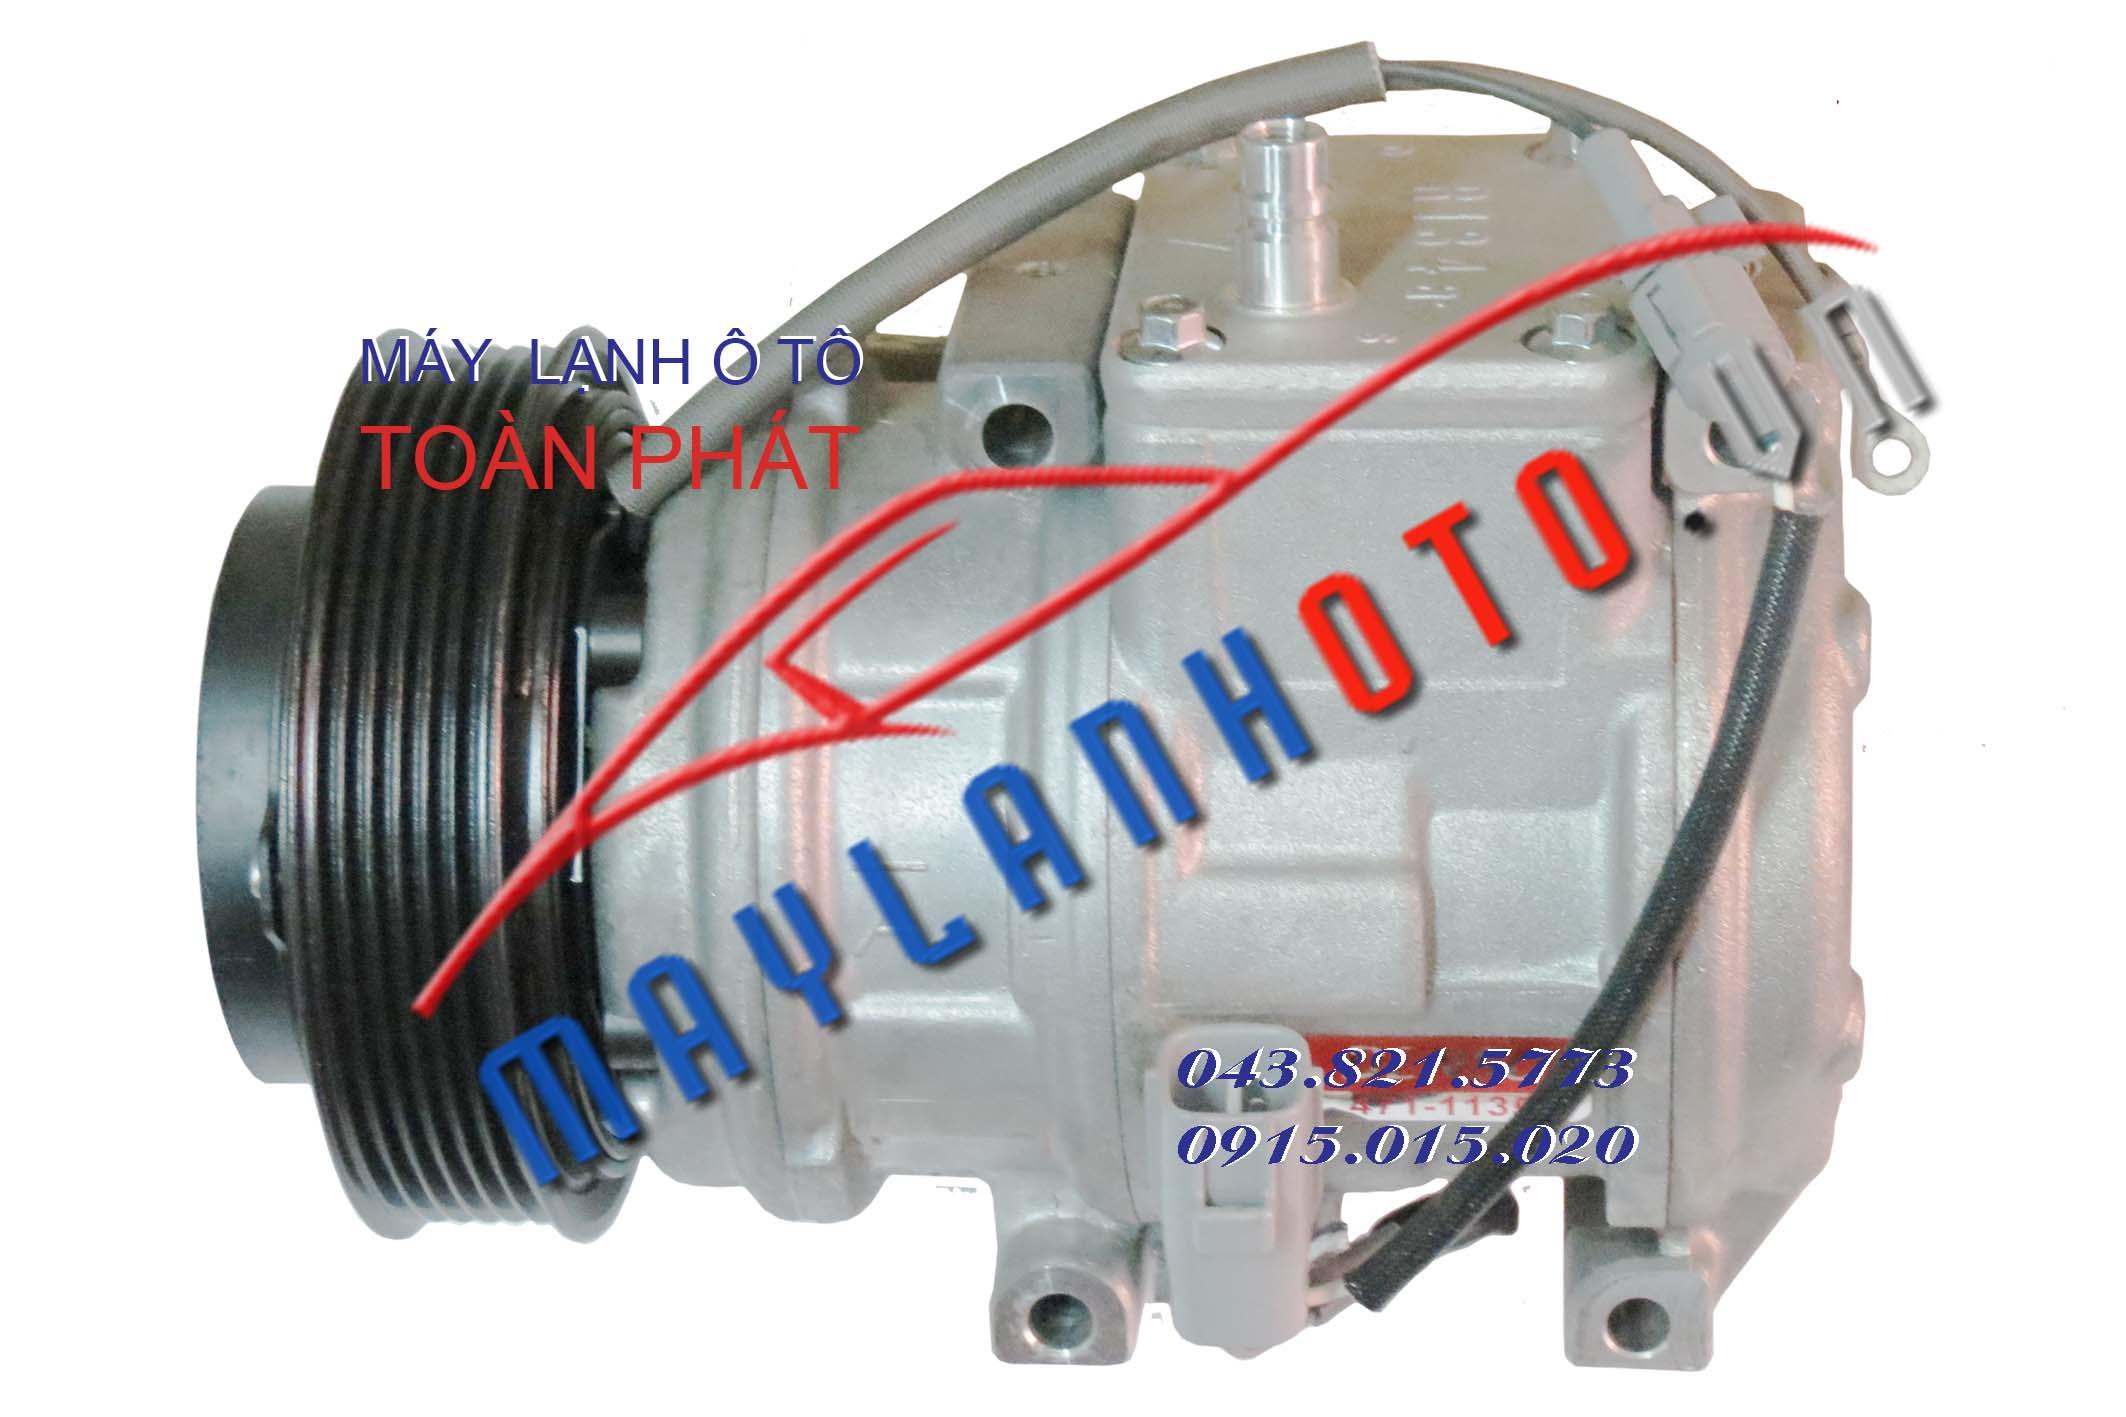 Camry 2.2 / Lốc lạnh điều hòa Toyota Camry 2.2